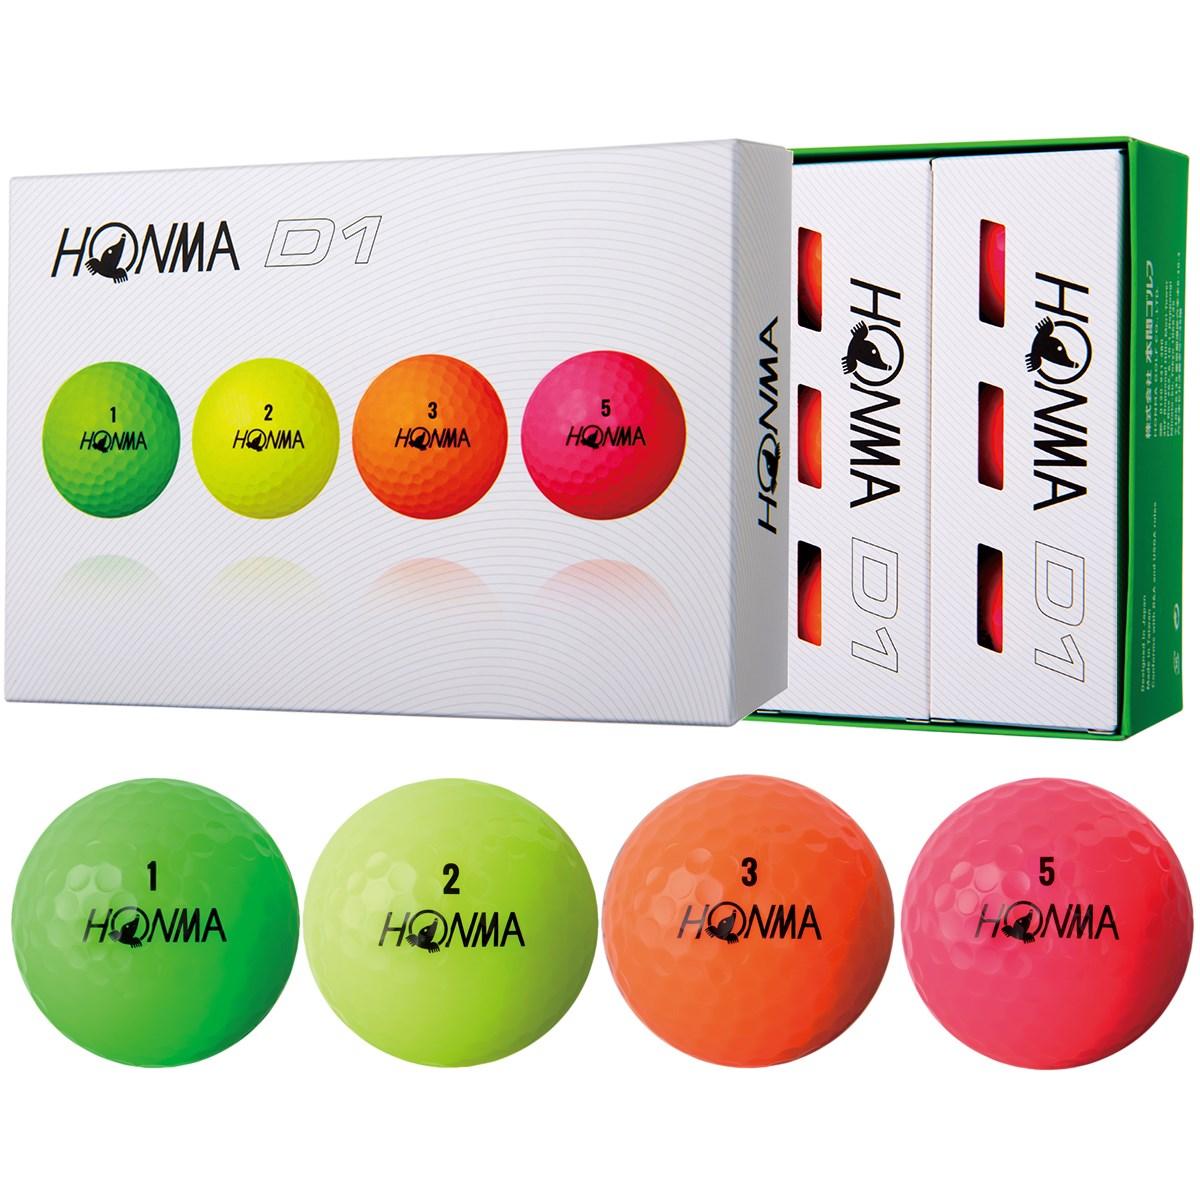 本間ゴルフ(HONMA GOLF) D1 ボール 2018年モデル 50ダースセット